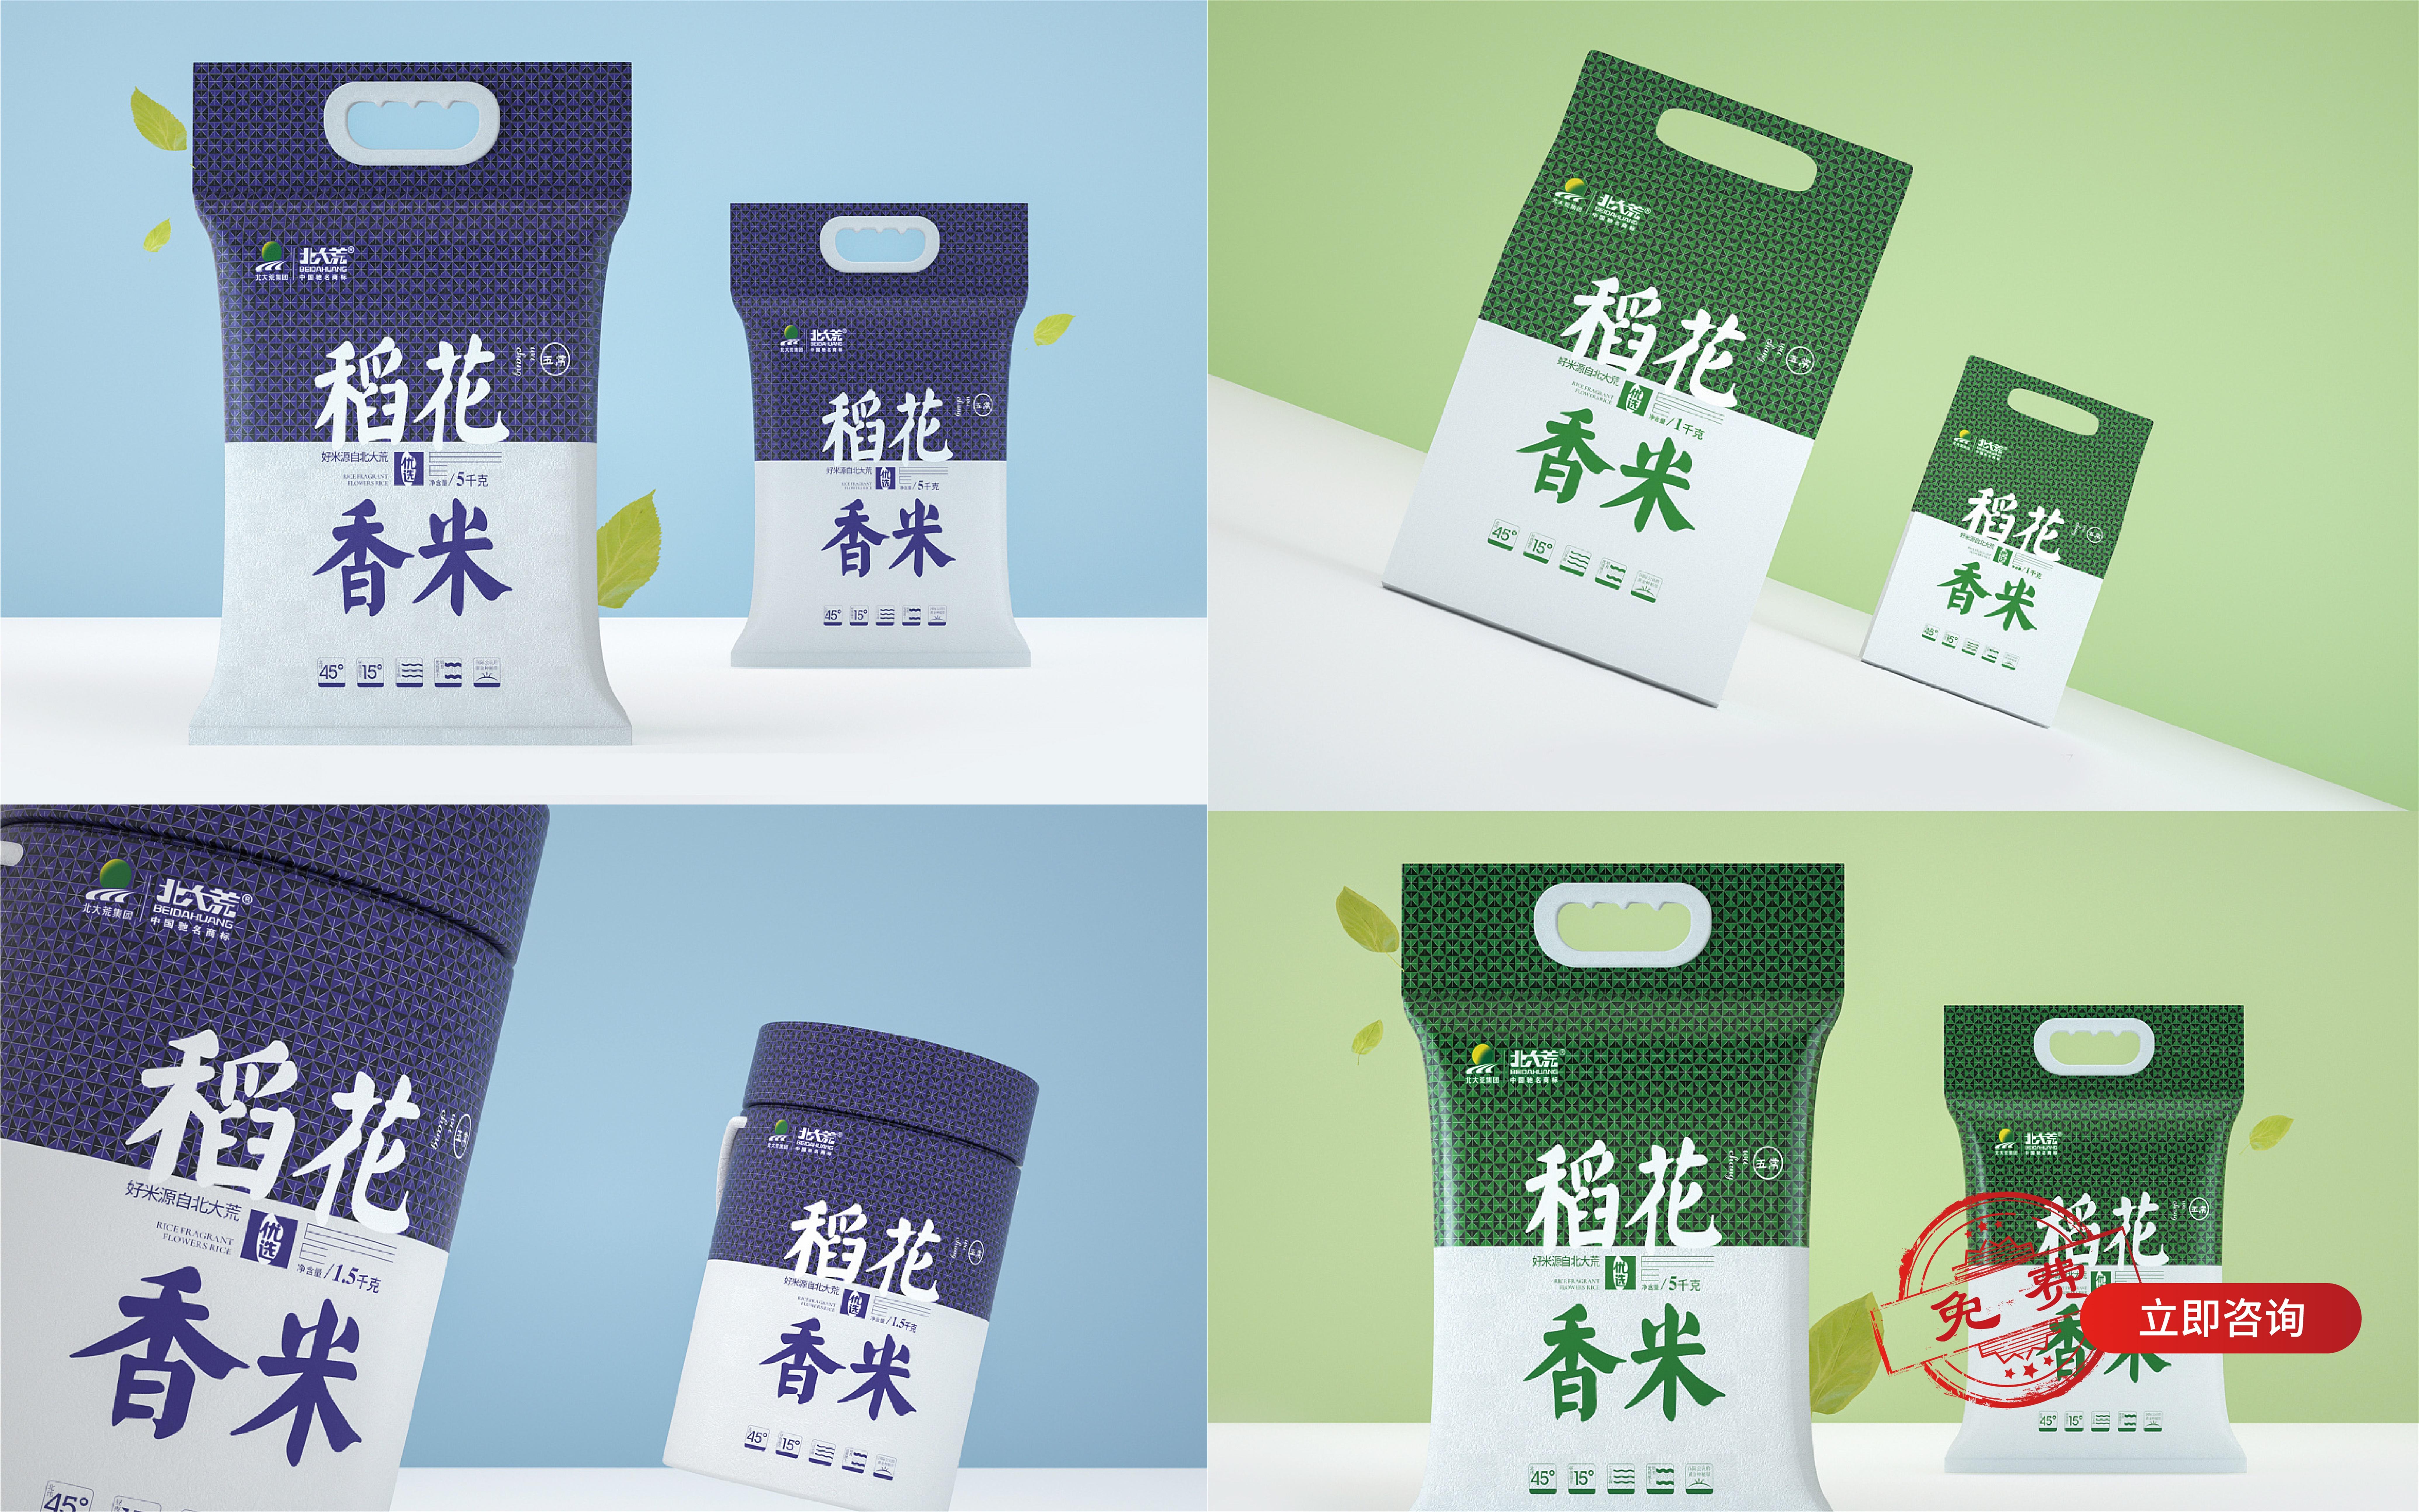 【插画包装】礼盒包装瓶贴农业包装农产品农副产品白酒红酒食品